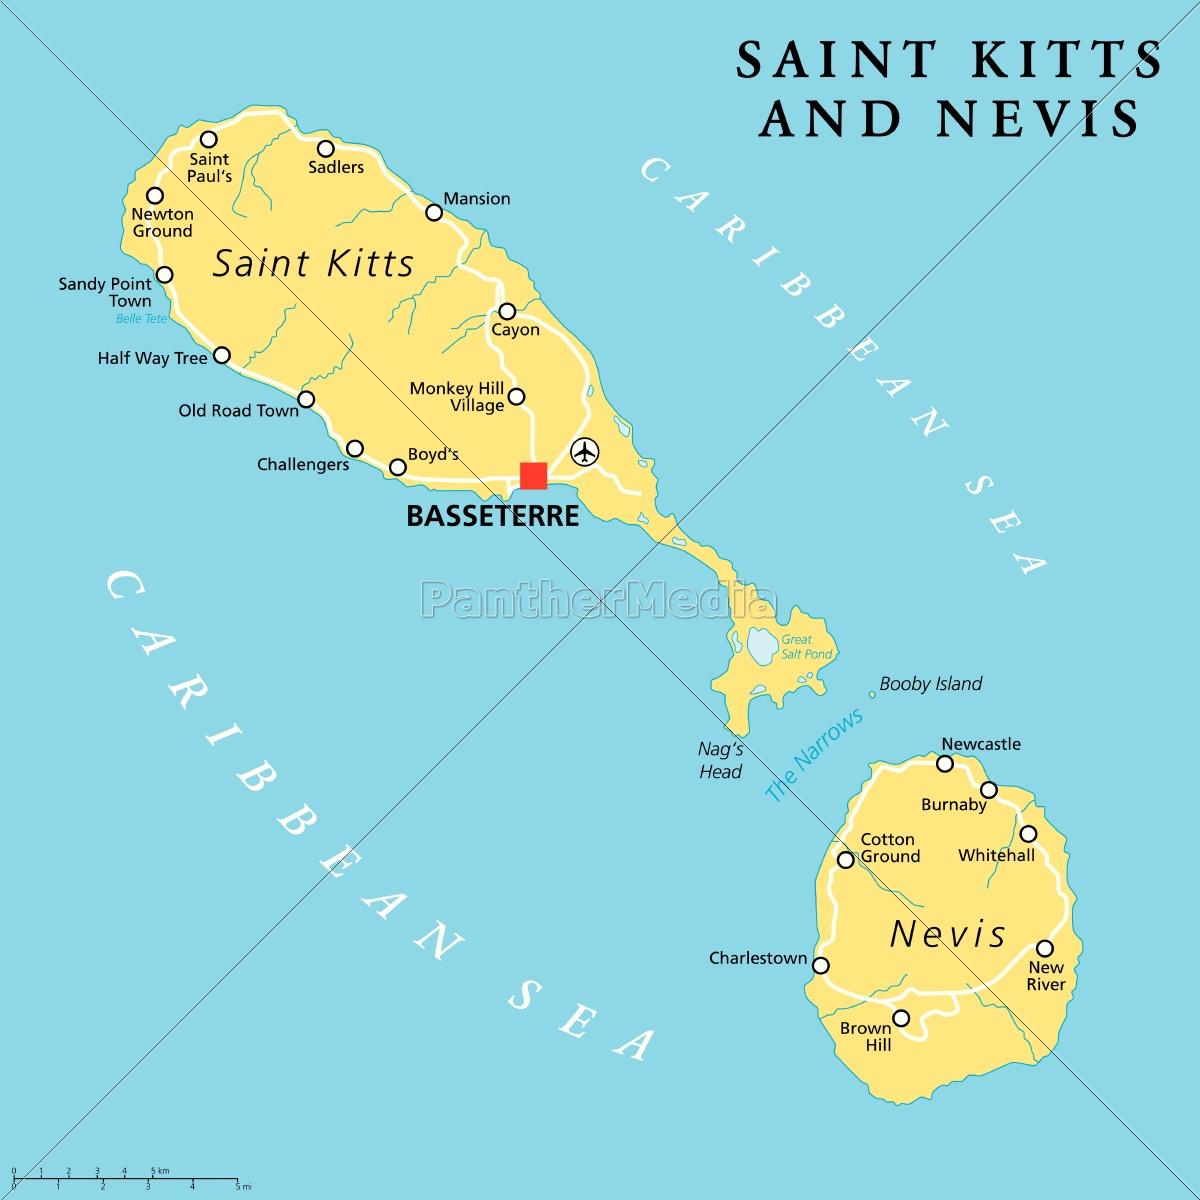 st. kitts und nevis politische karte - Lizenzfreies Bild - #14364485 ...